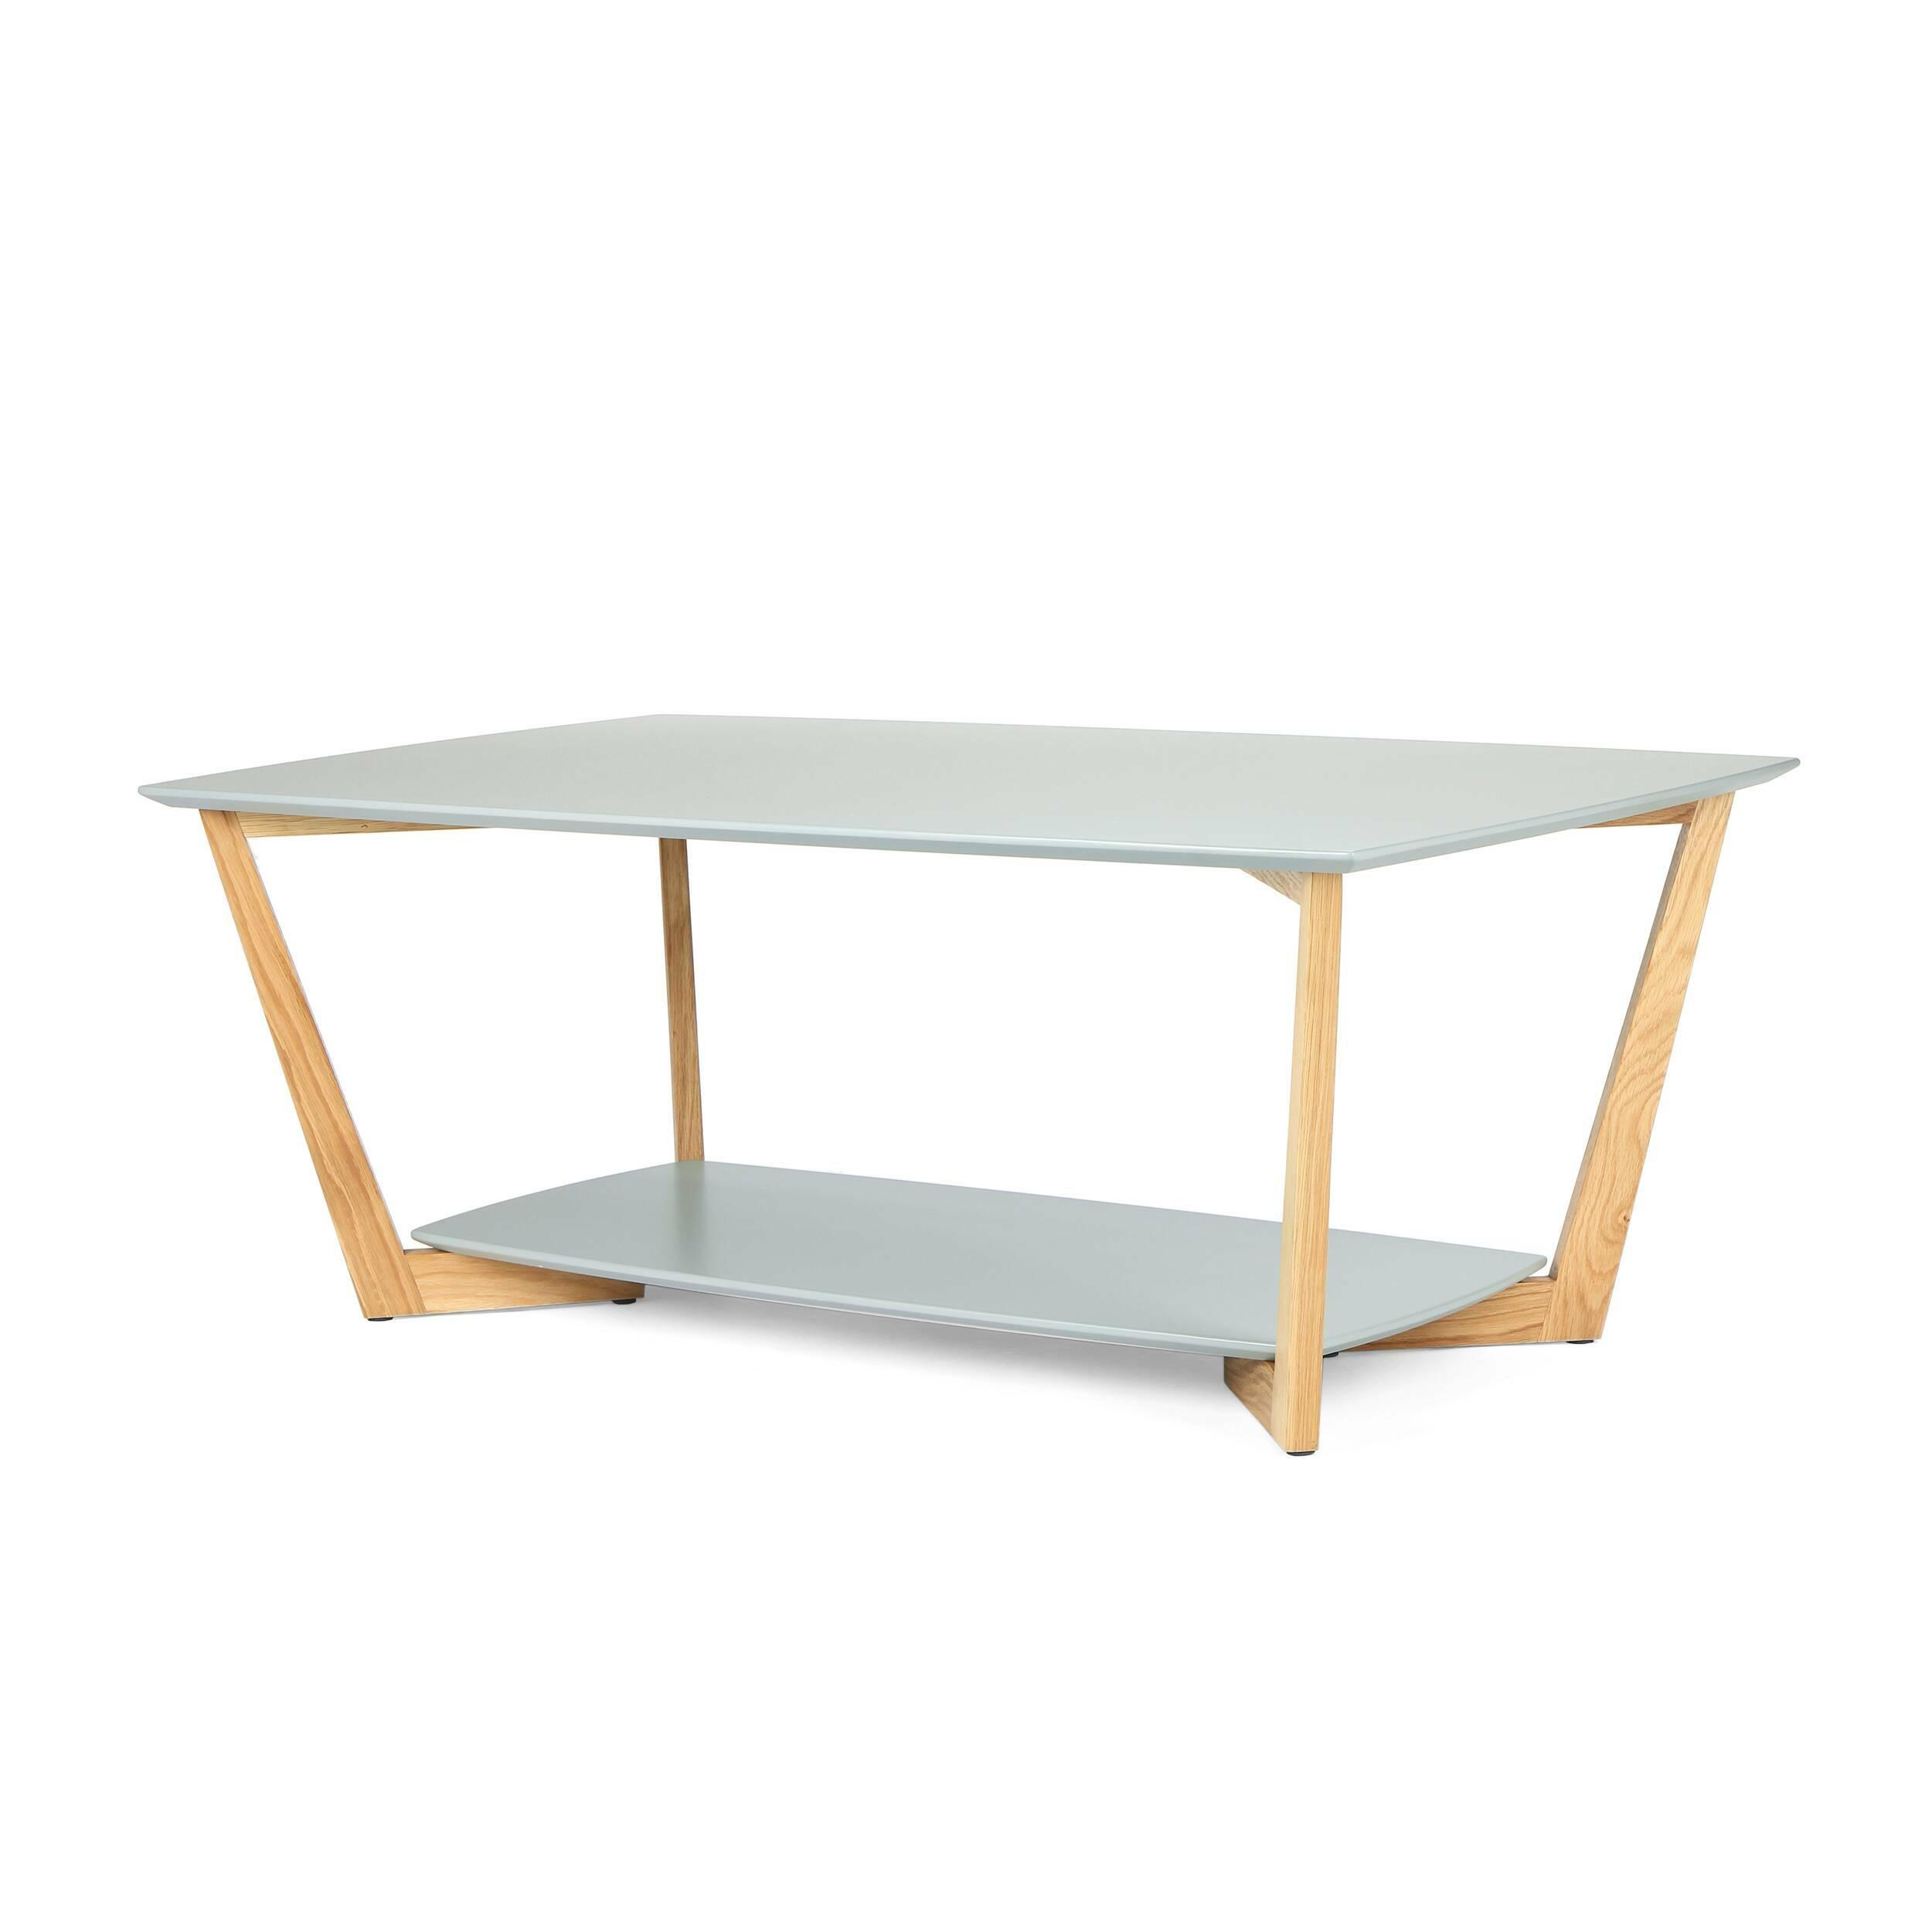 Кофейный стол BorderКофейные столики<br>Дизайнерский прямоугольный светлый кофейный столик Border (Бордер) на деревянных ножках от Cosmo (Космо).<br><br>Журнальный или кофейный стол — это постоянный атрибут любой современной гостиной. Это небольшой, но функциональный предмет мебели, который служит подставкой для светильника или пульта, а также столиком для сервировки небольшой трапезы. <br> <br> Оригинальный кофейный стол Border подходит для использования в гостиных, оформленных в современном стиле. Нижнюю полку столика можно использоват...<br><br>stock: 0<br>Высота: 45<br>Ширина: 70<br>Длина: 120<br>Цвет ножек: Светло-коричневый<br>Цвет столешницы: Серый<br>Материал ножек: Массив дуба<br>Тип материала столешницы: МДФ<br>Тип материала ножек: Дерево